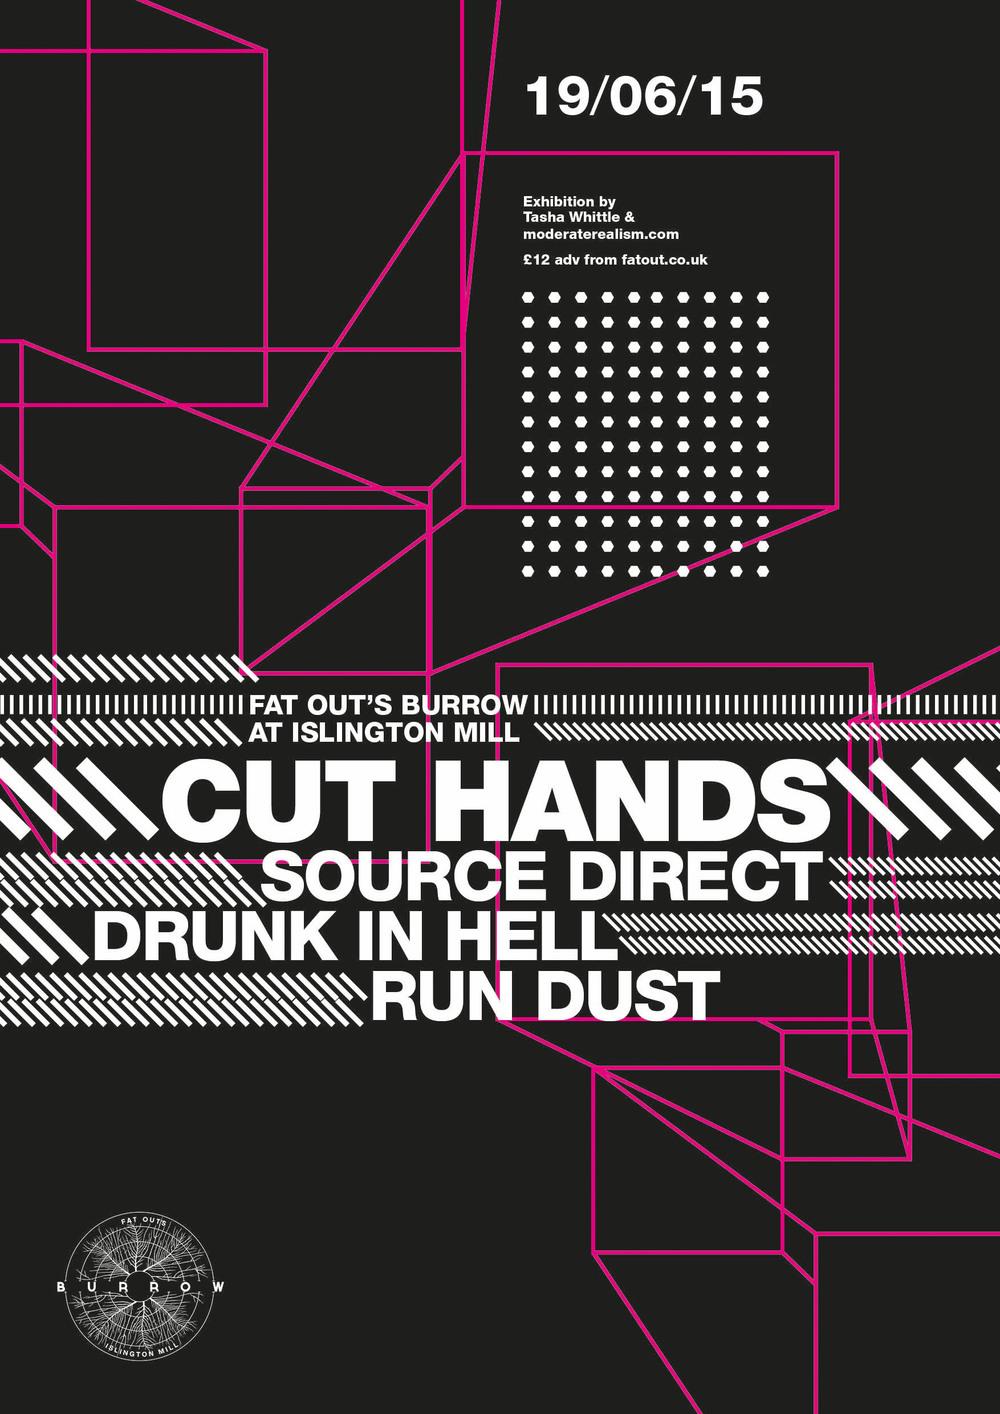 cuthands.jpg